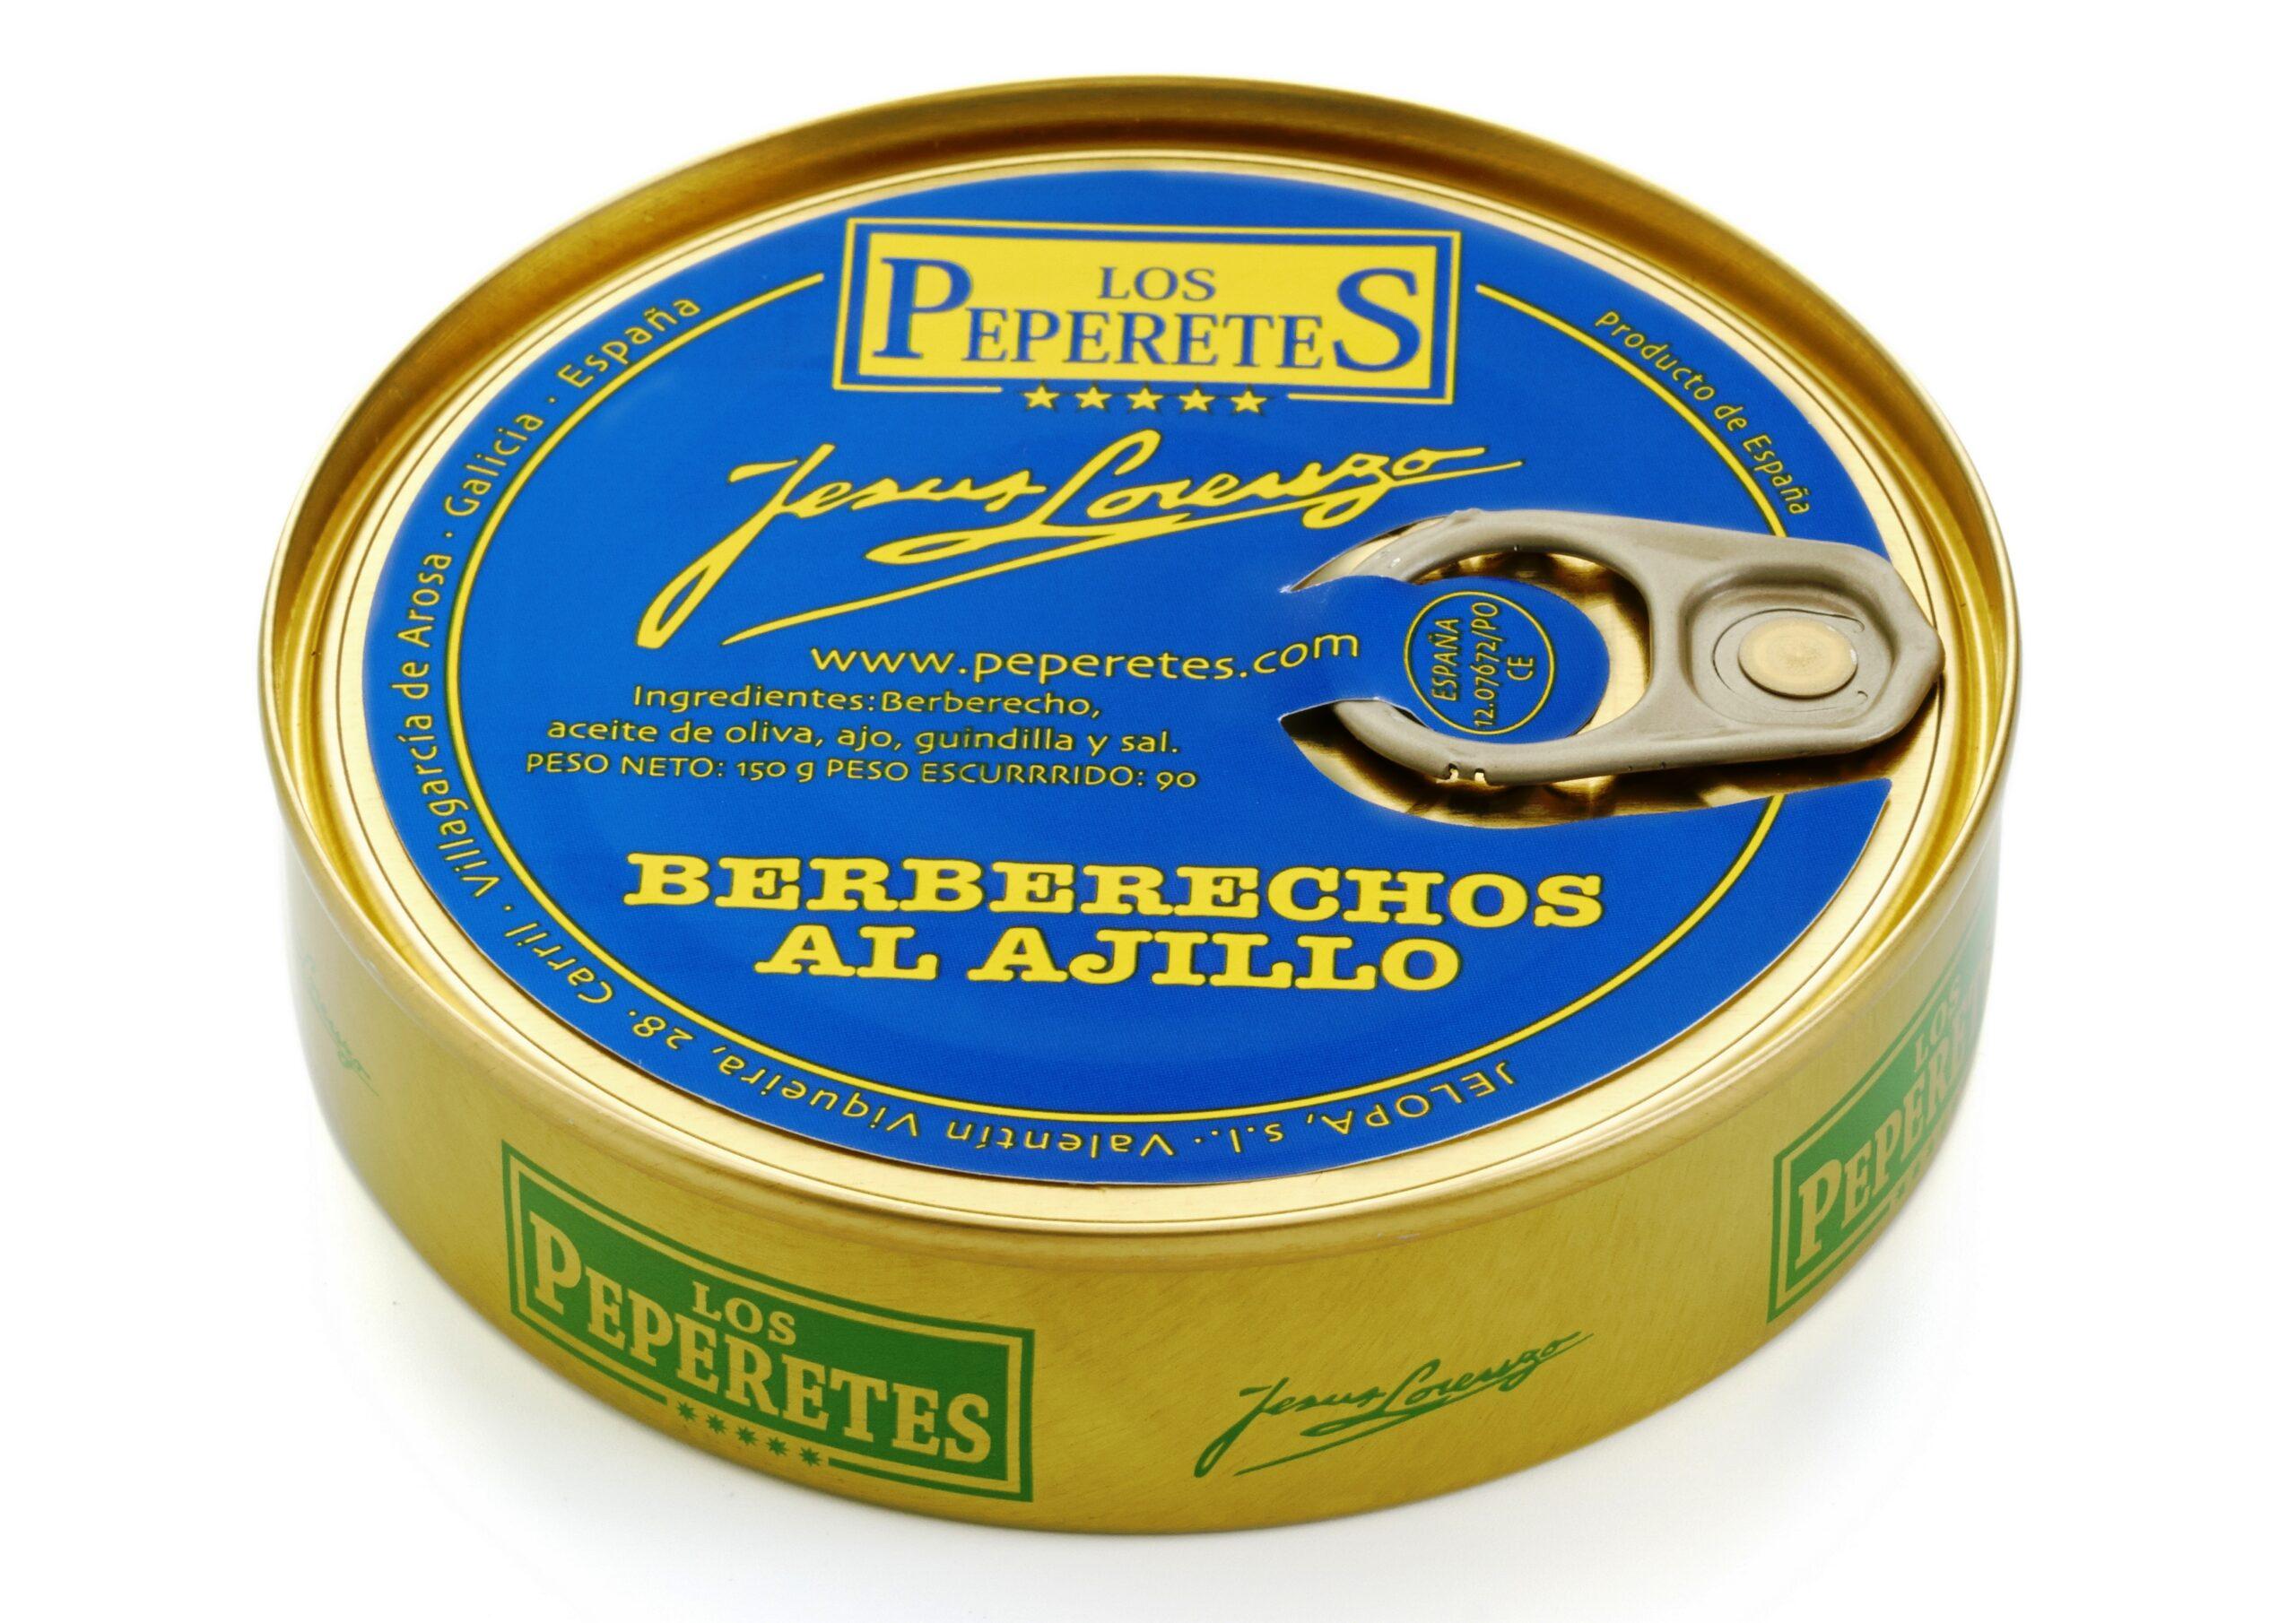 Coques à l'ail - Los Peperetes - Conserves de Galice